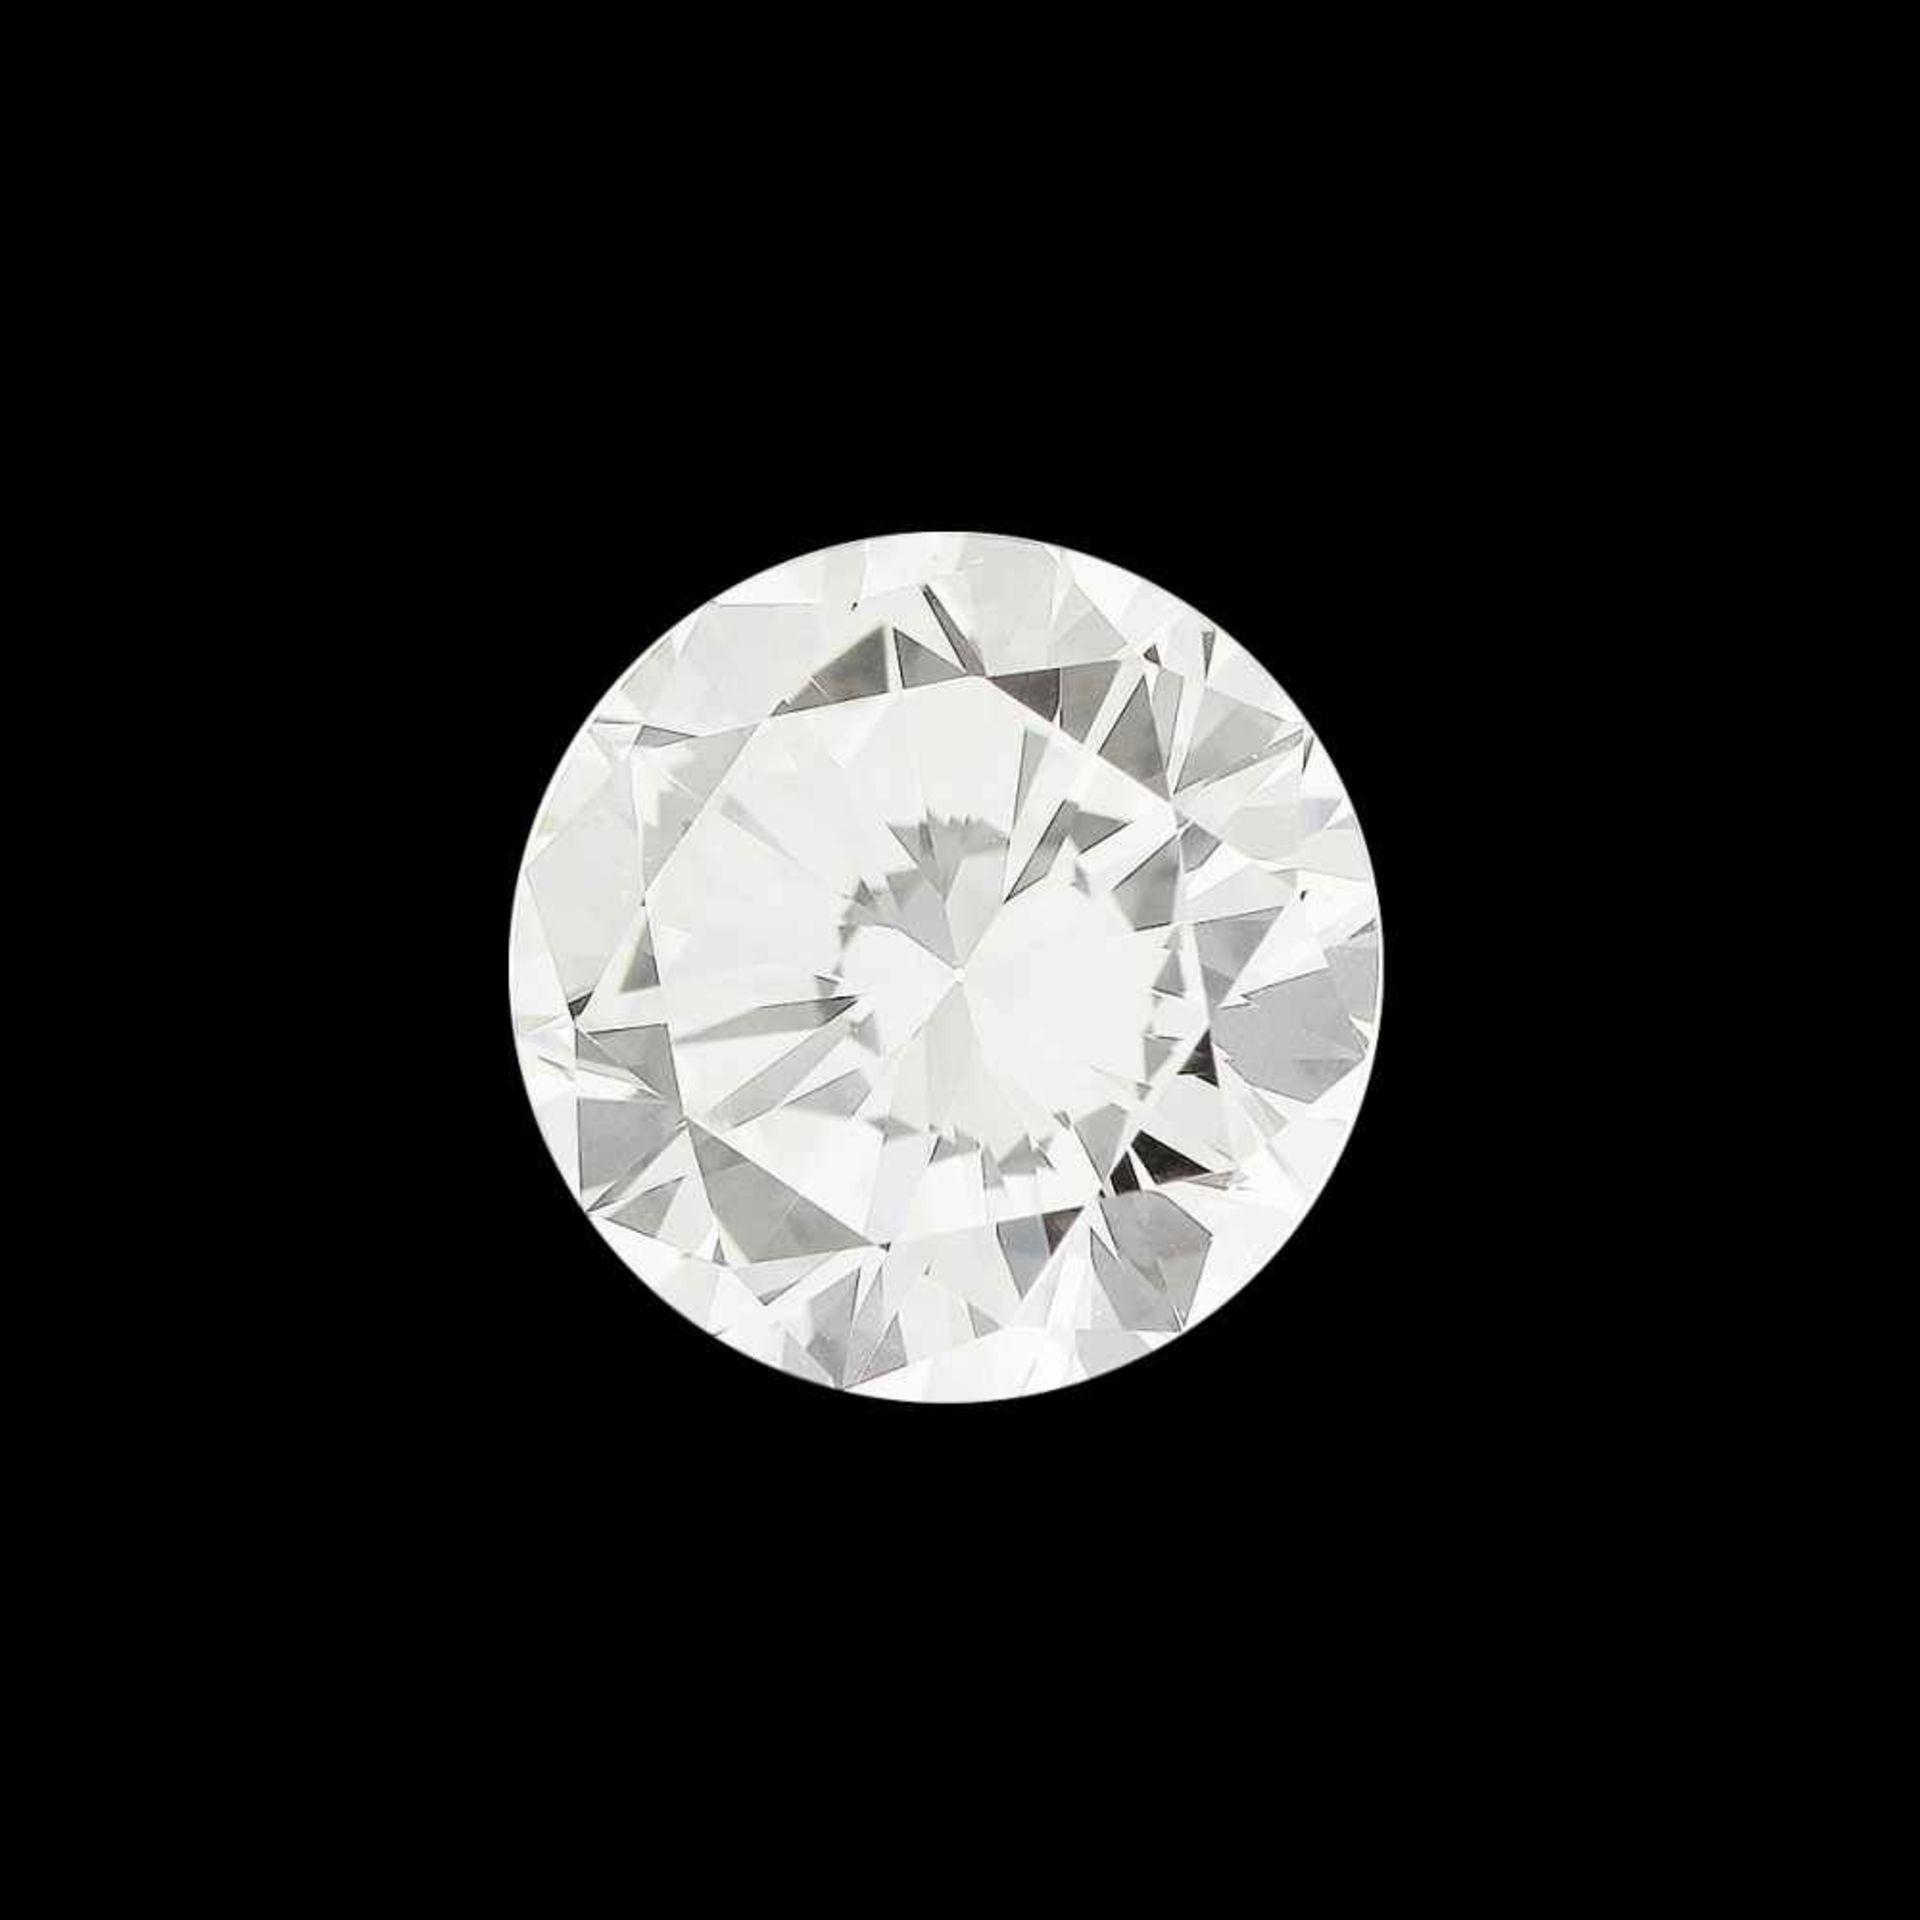 Diamant Diamant Brillantschliff F/vvs1 0,45 ct